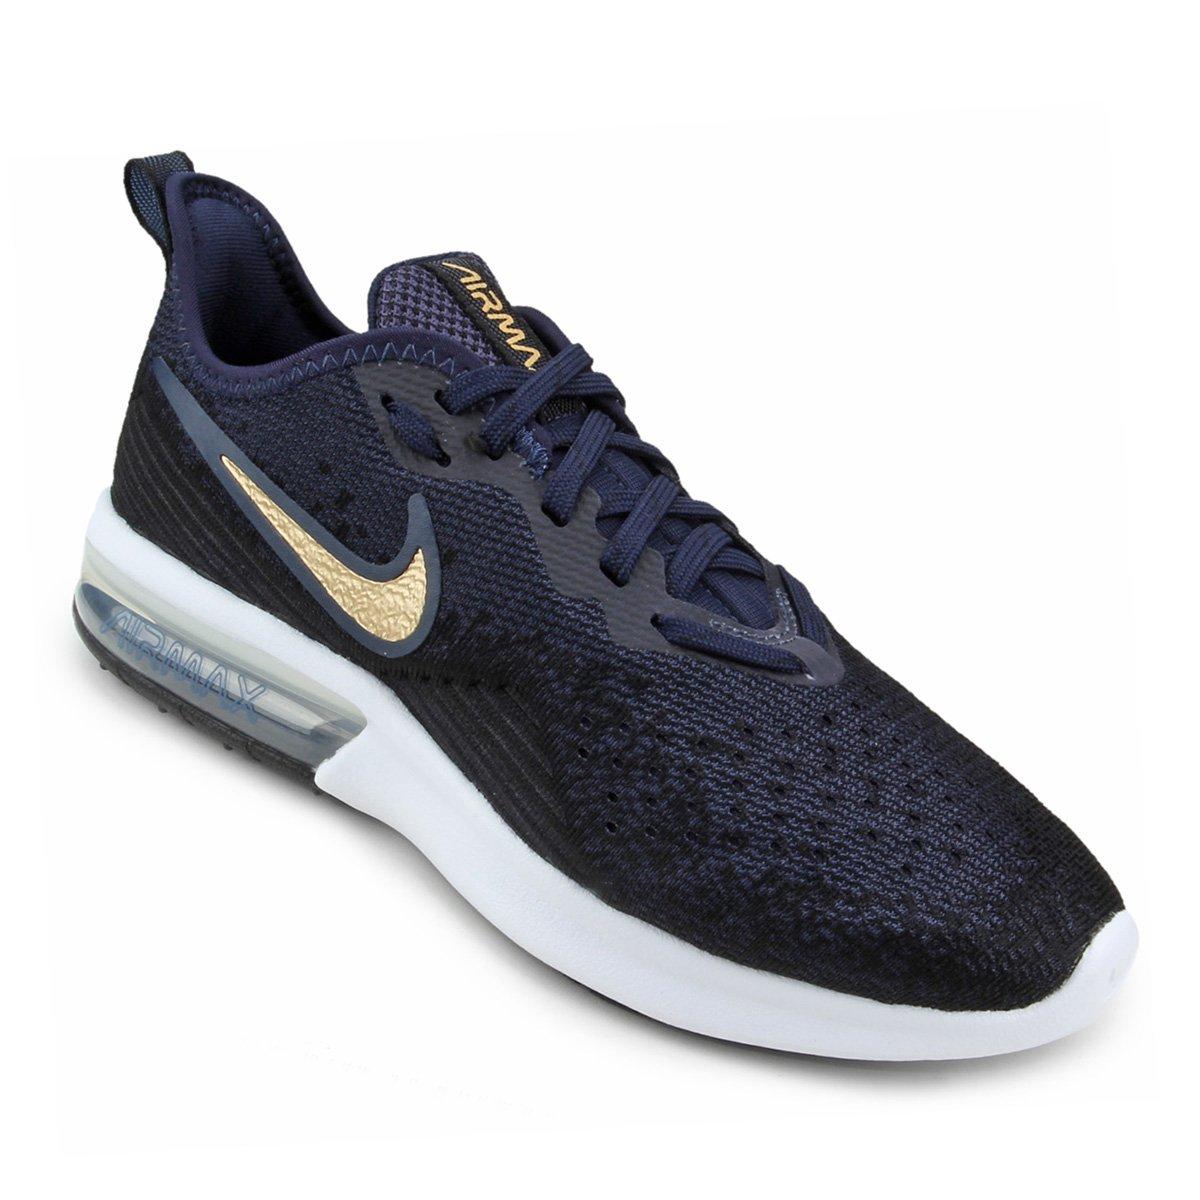 bac781decc8 Tênis Nike Air Max Sequent 4 Feminino - Preto e Azul - Compre Agora ...